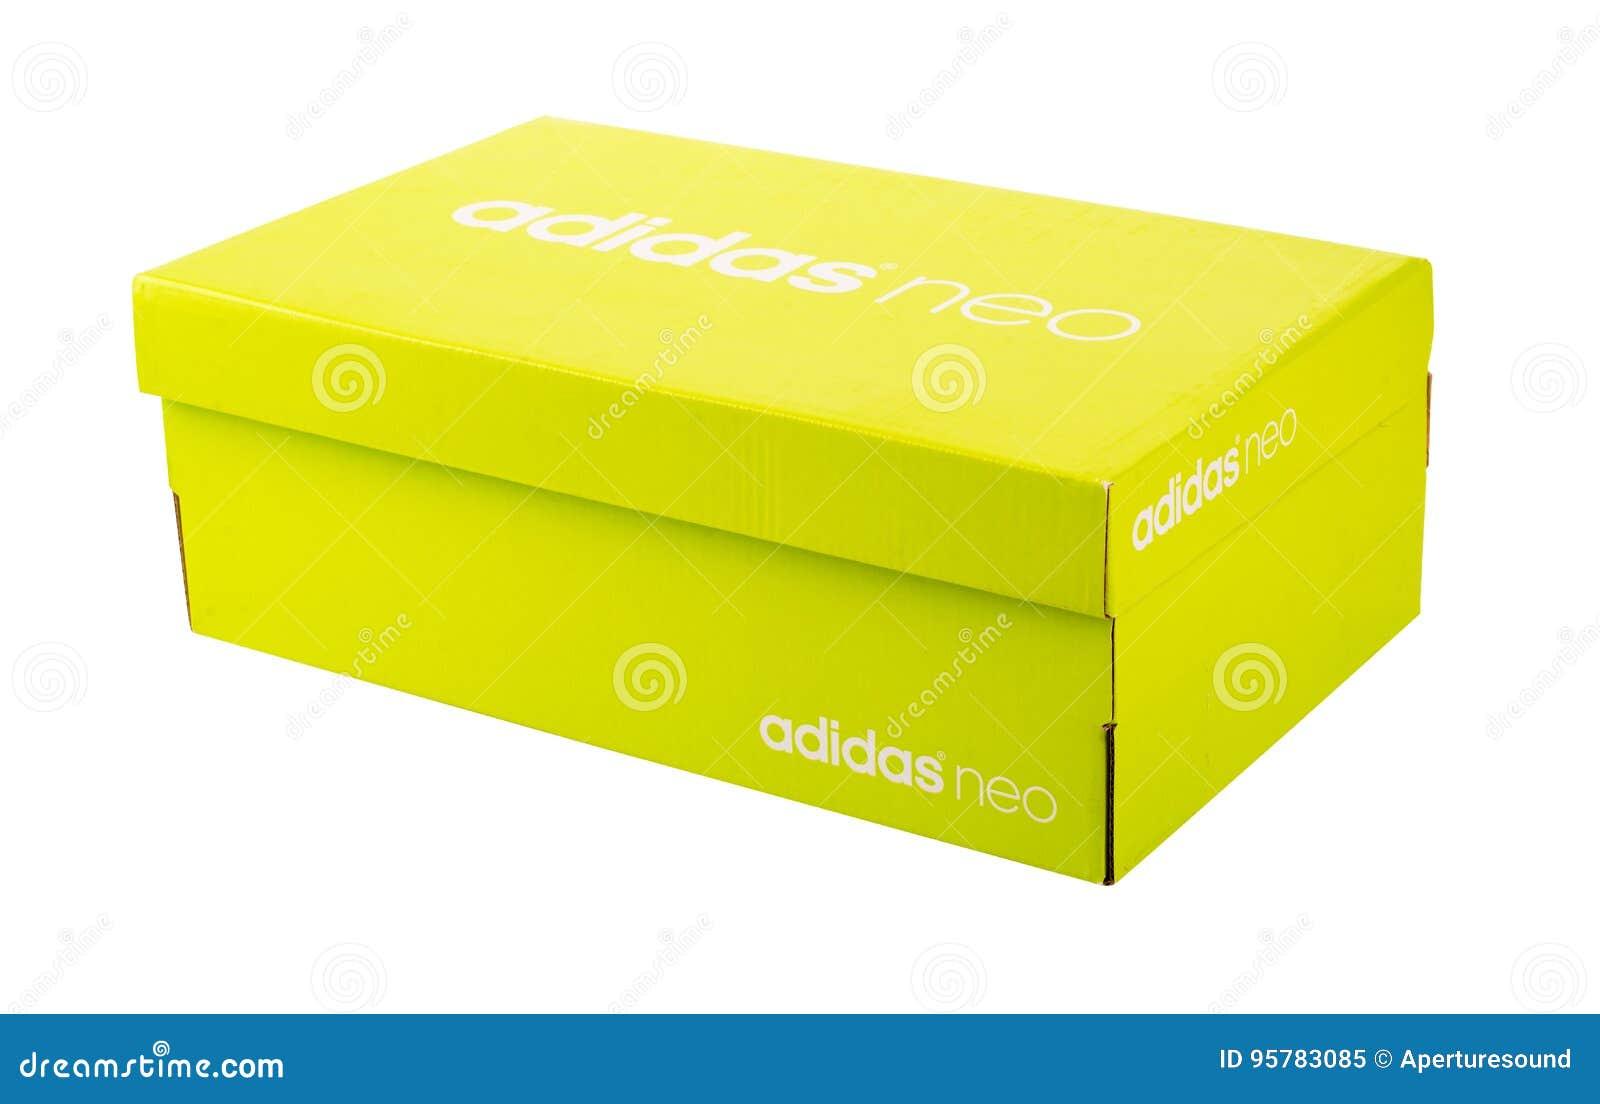 adidas neo 24